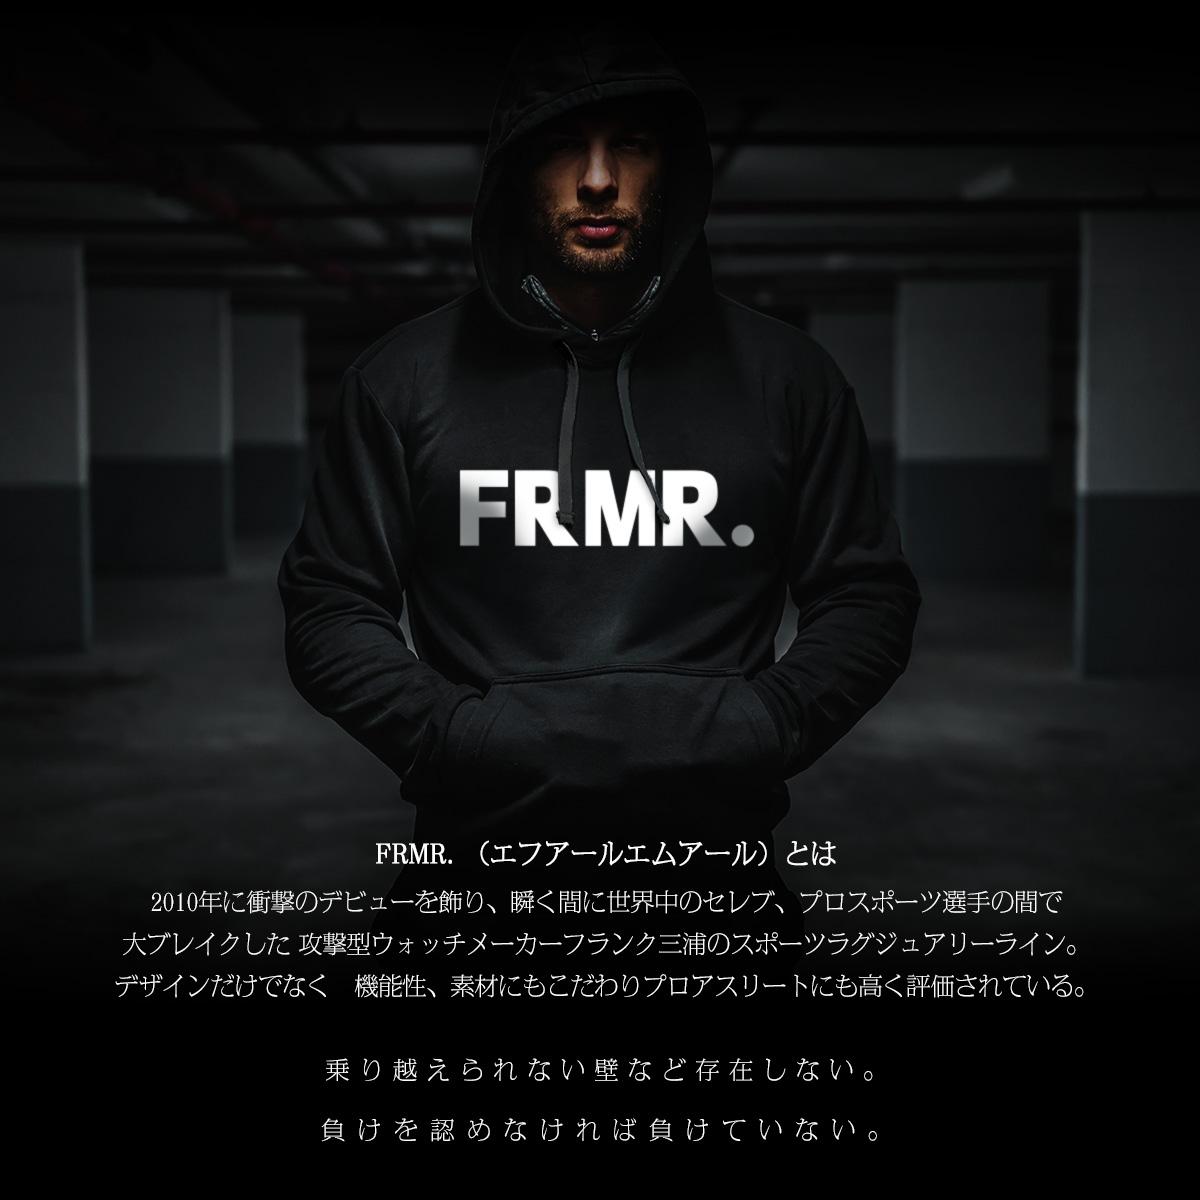 【即日発送】FRMR キャディバッグ 9インチ